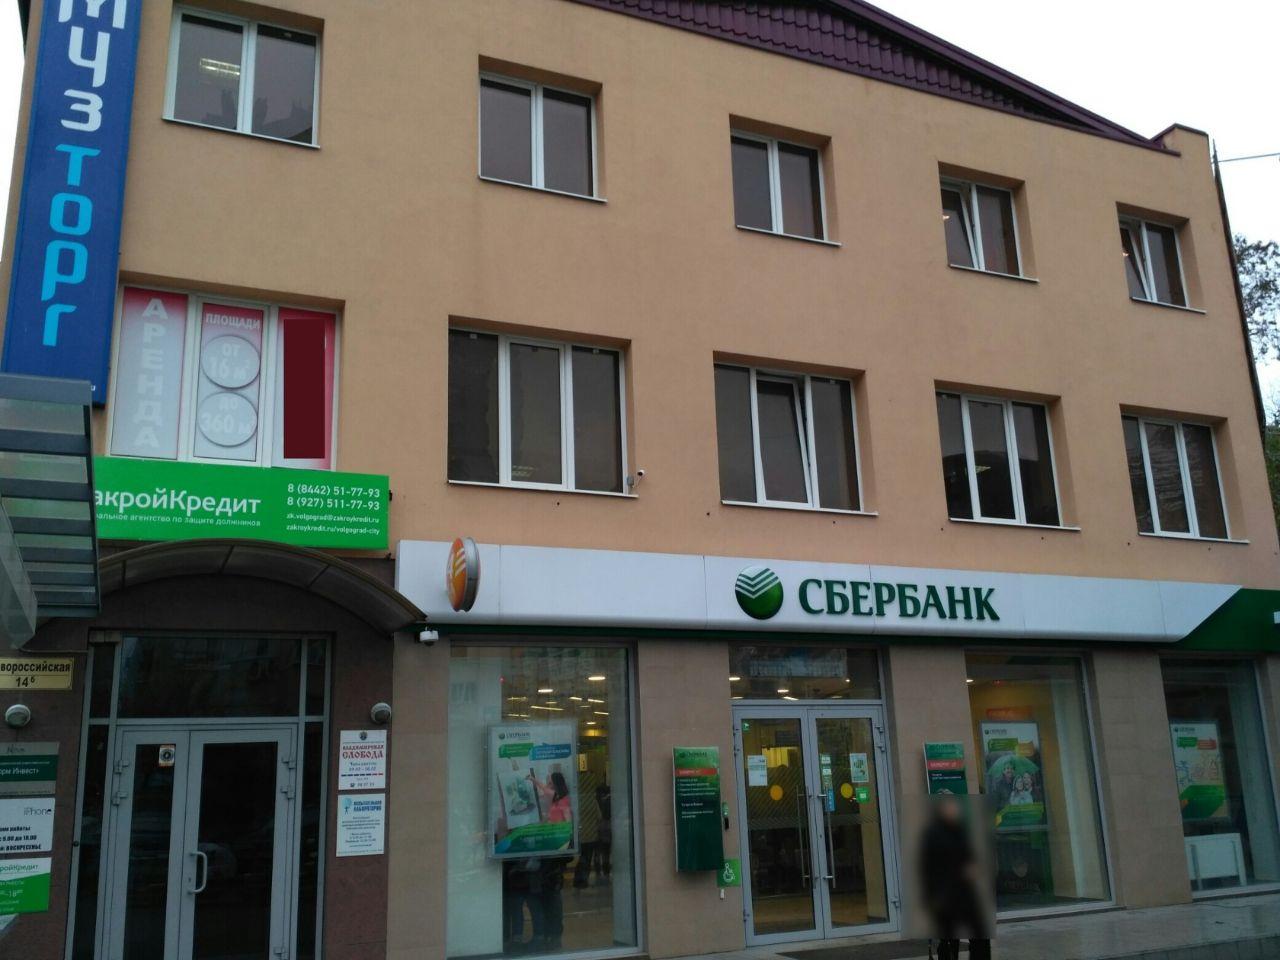 ТЦ на ул. Новороссийская, 14Б